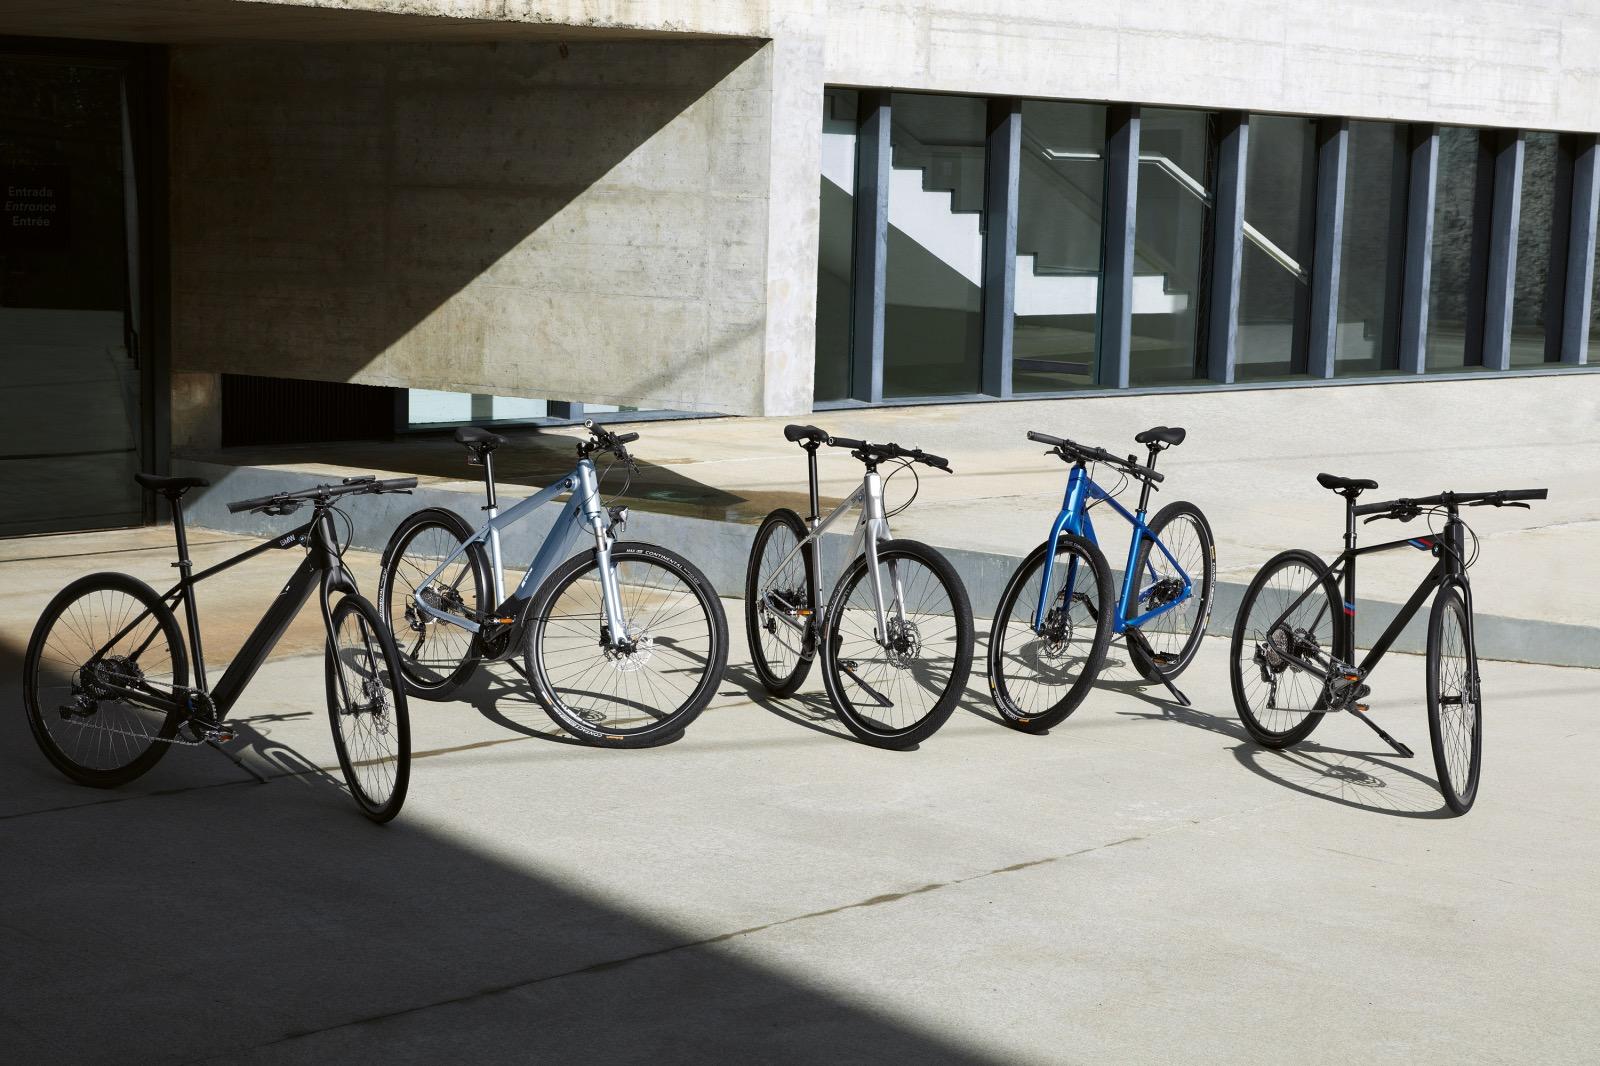 Κυκλοφορεί στην ελληνική αγορά 2 νέα ηλεκτρικά ποδήλατα και ένα νέο ηλεκτρικό πατίνι